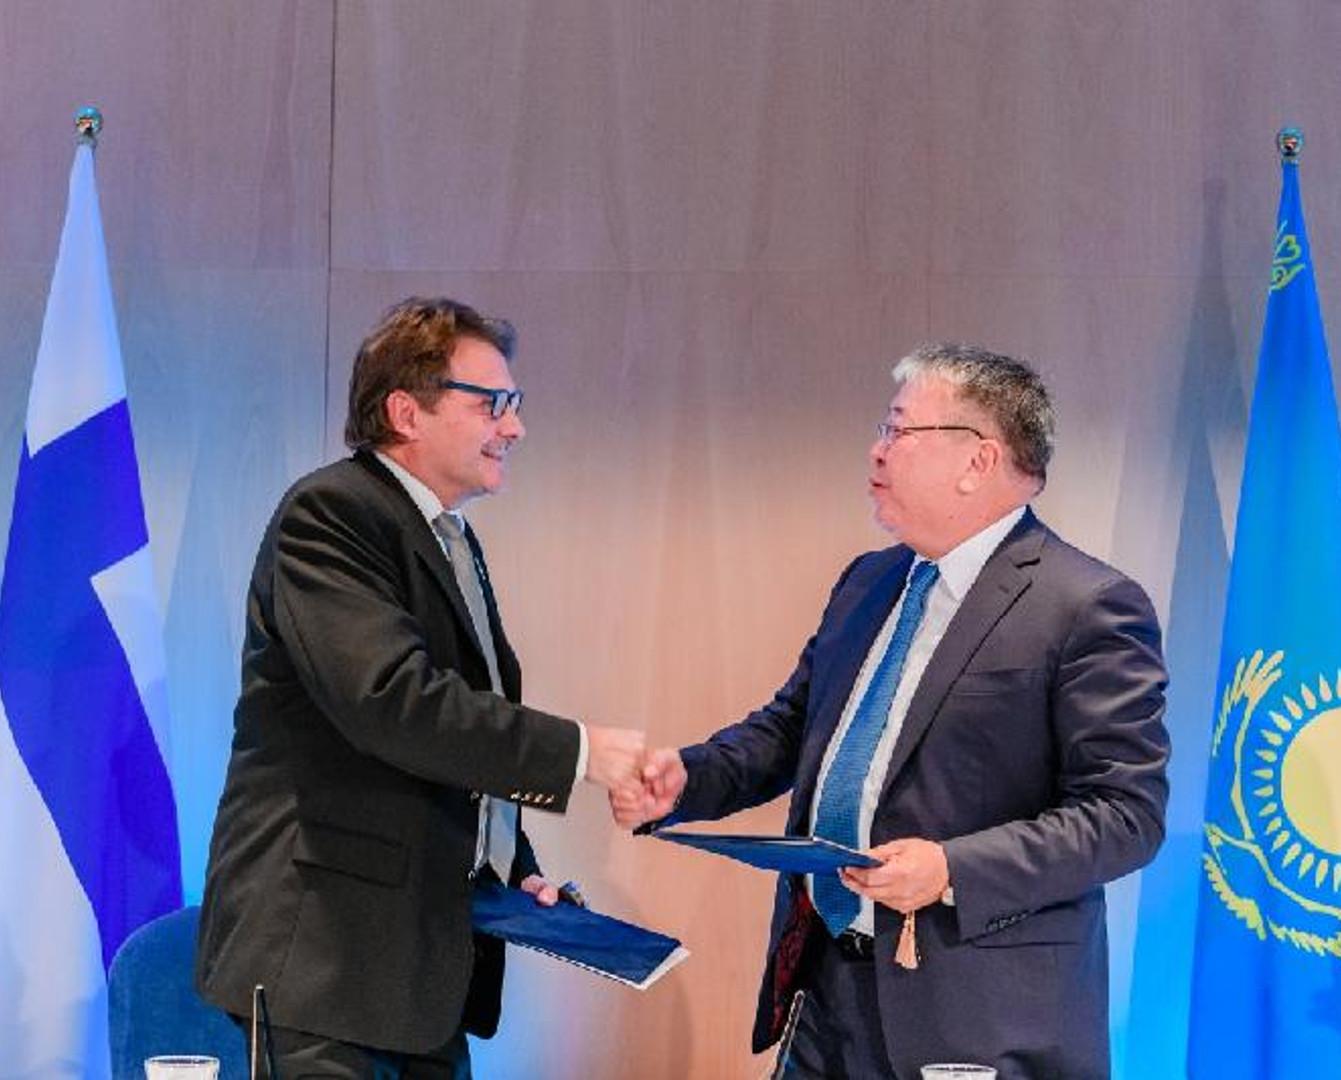 芬兰企业将参与哈萨克斯坦住房基础设施建设进程